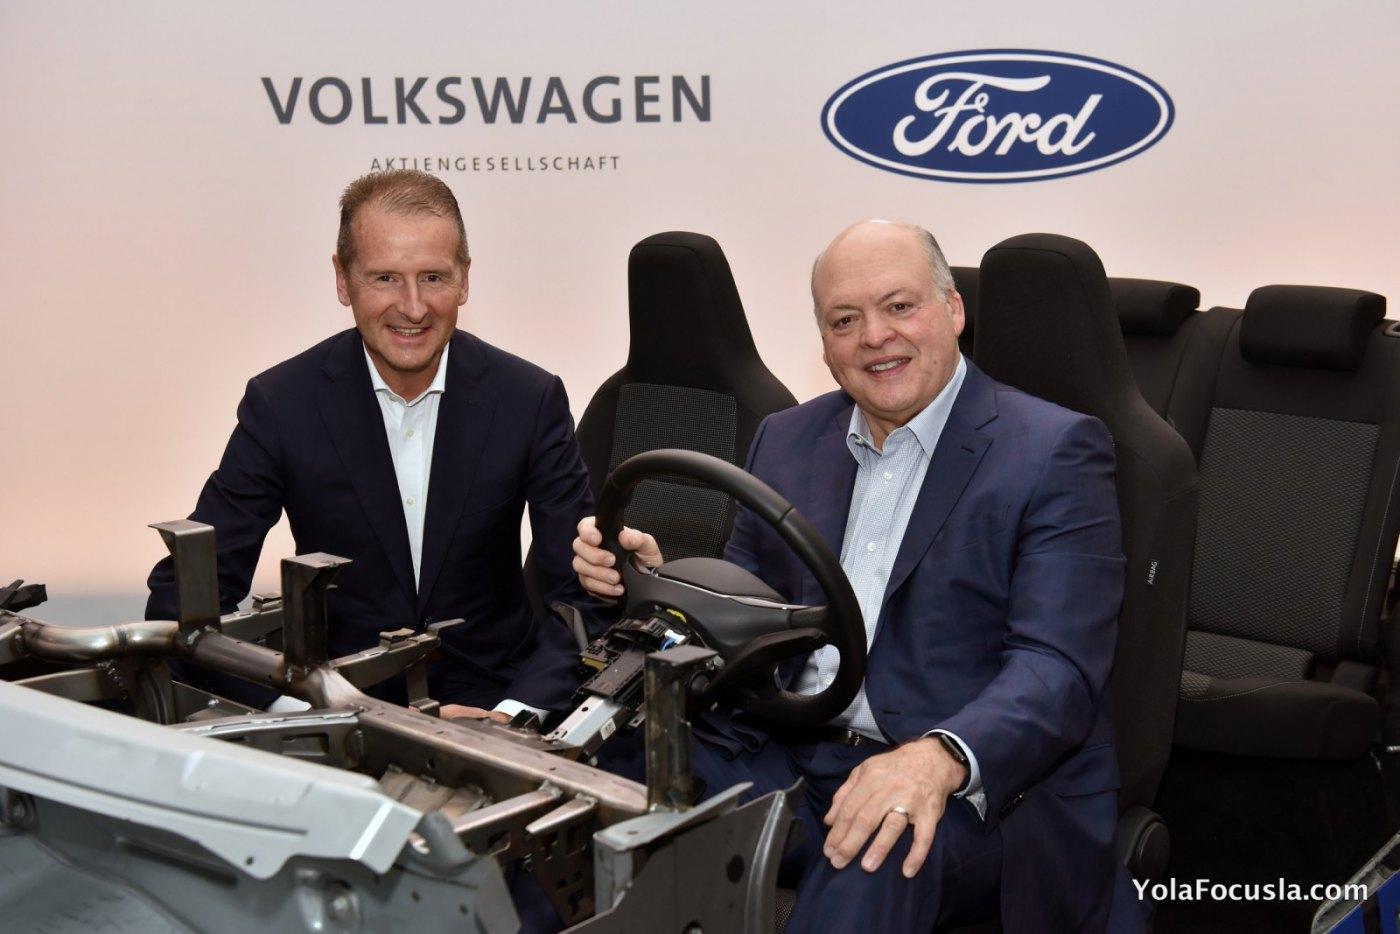 Ford - Volkswagen Küresel İşbirliğini Genişletiyor.jpg